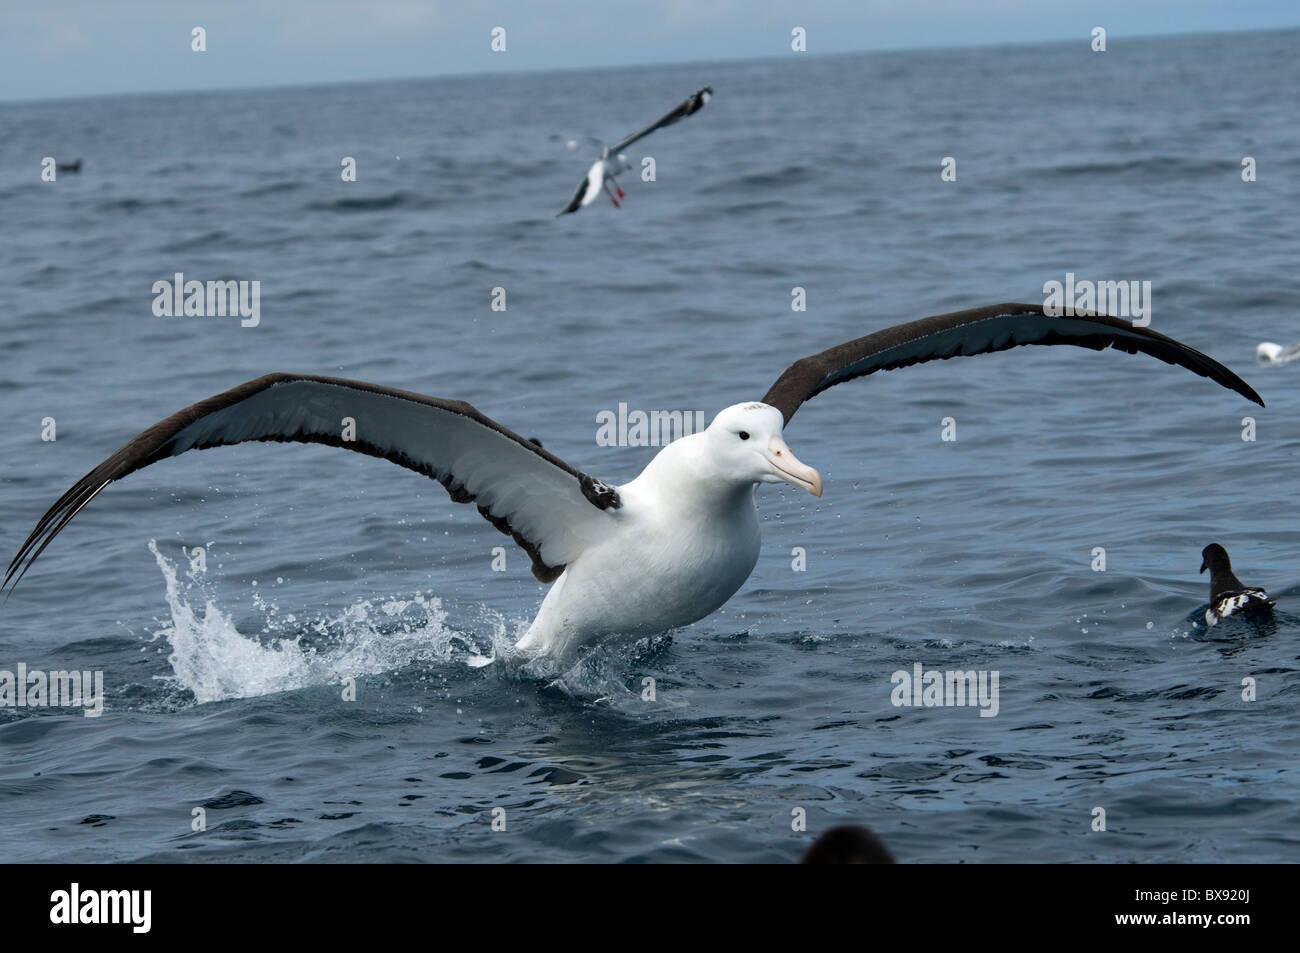 Royal Albatros preparing for landing on water, Königsalbatros bei der Vorbereitung auf eine Wasserlandung Stock Photo